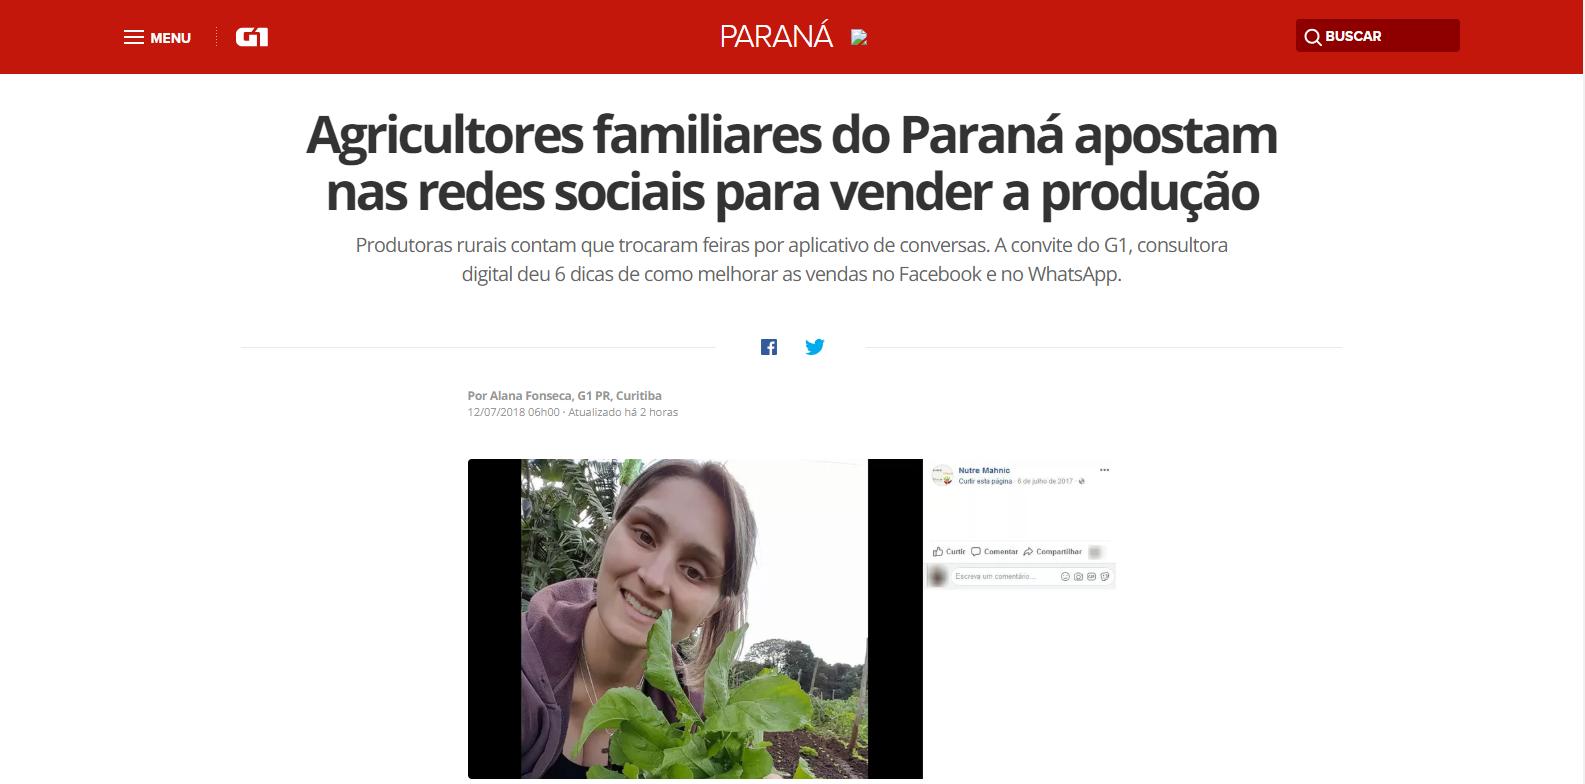 Agricultores familiares do Paraná apostam nas redes sociais para vender a produção